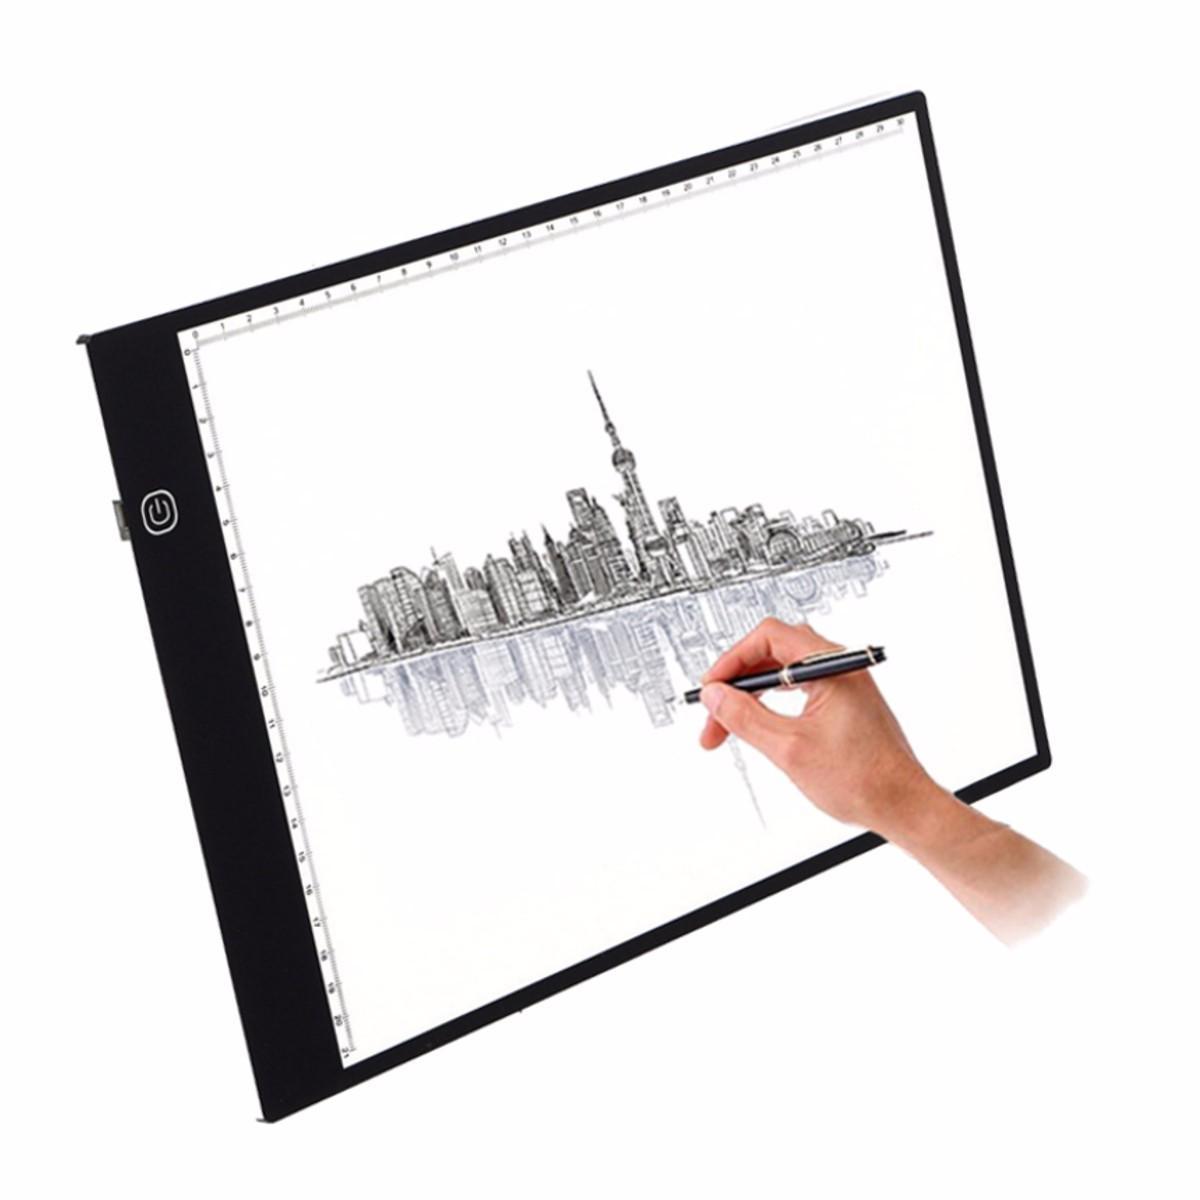 M.Way Ultra Thin A3 LED Copiar con cable USB Brillo ajustable Dibujo Pad Tracing Copy Board